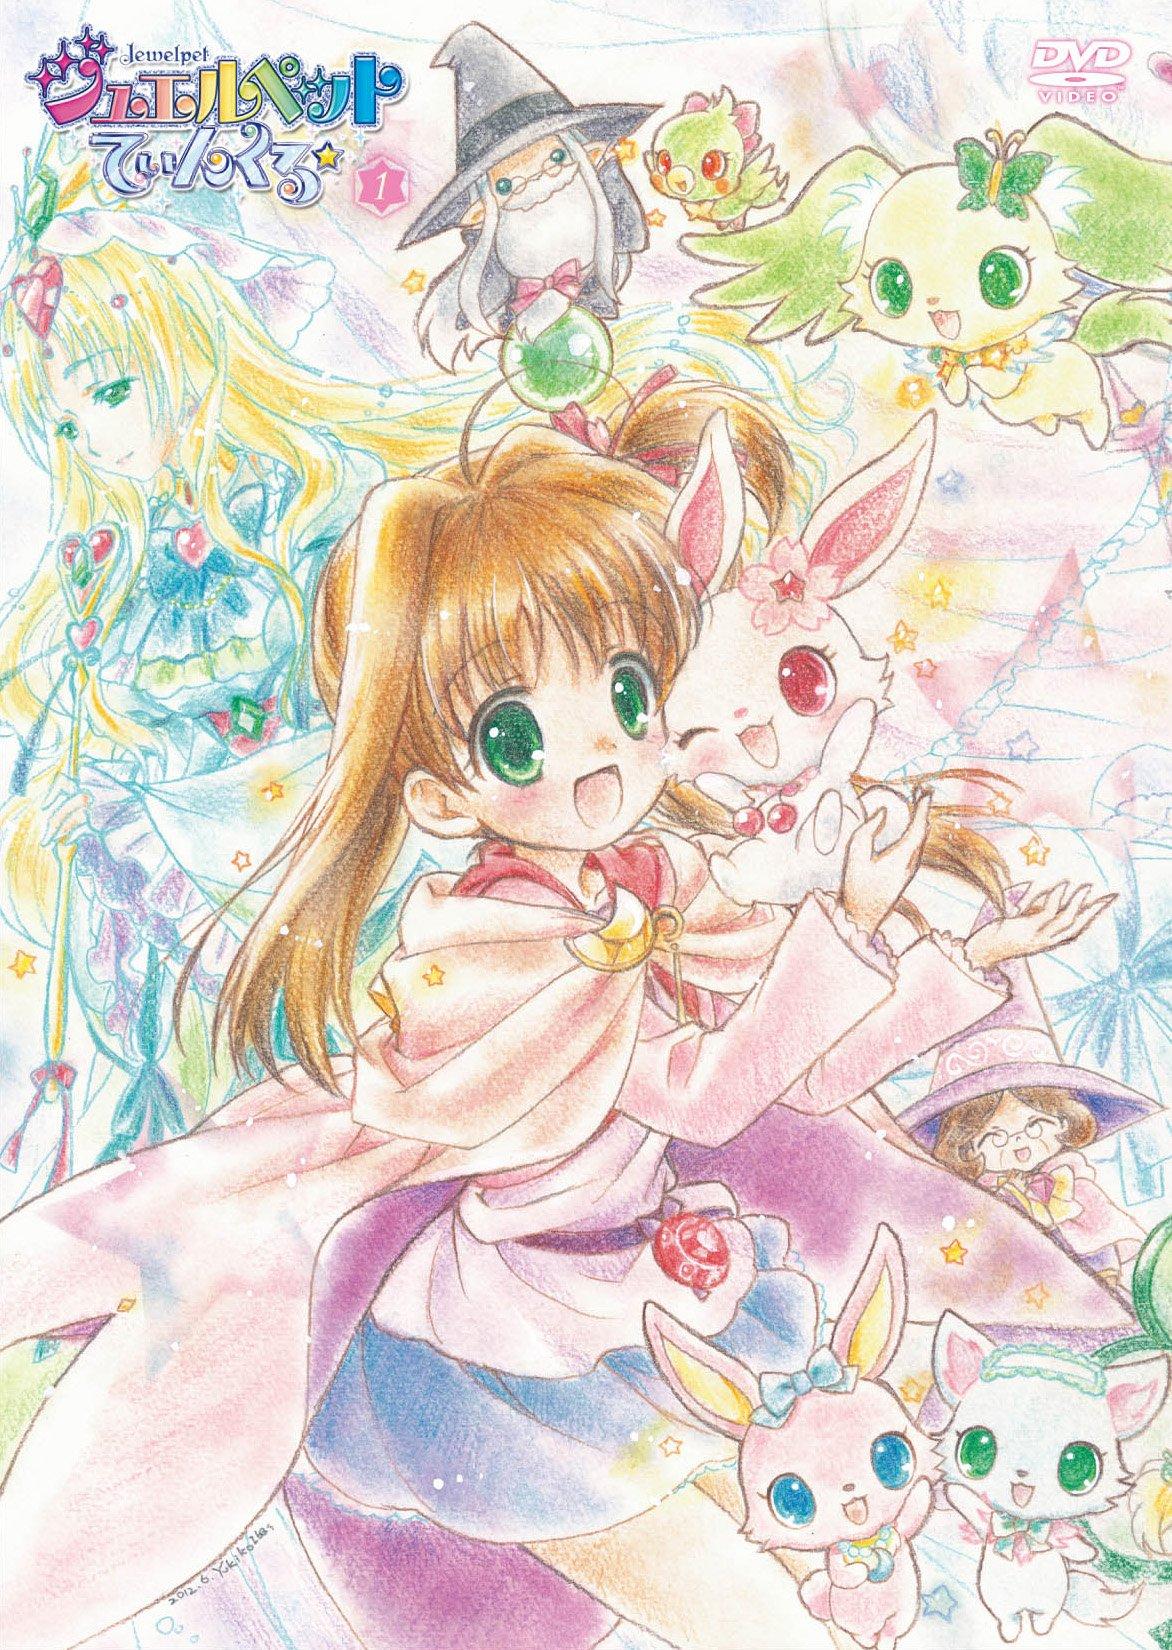 TVアニメ「ジュエルペット てぃんくる☆」DVD Disc-1